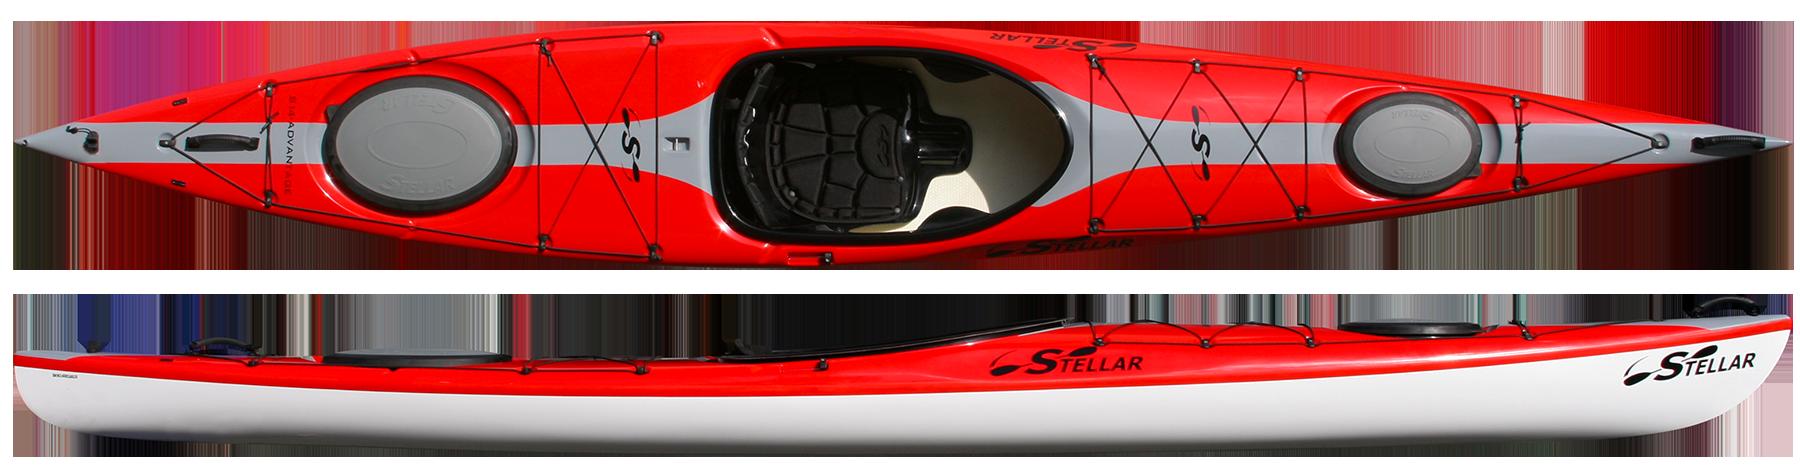 Stellar touring s kayaks. Kayak clipart red kayak